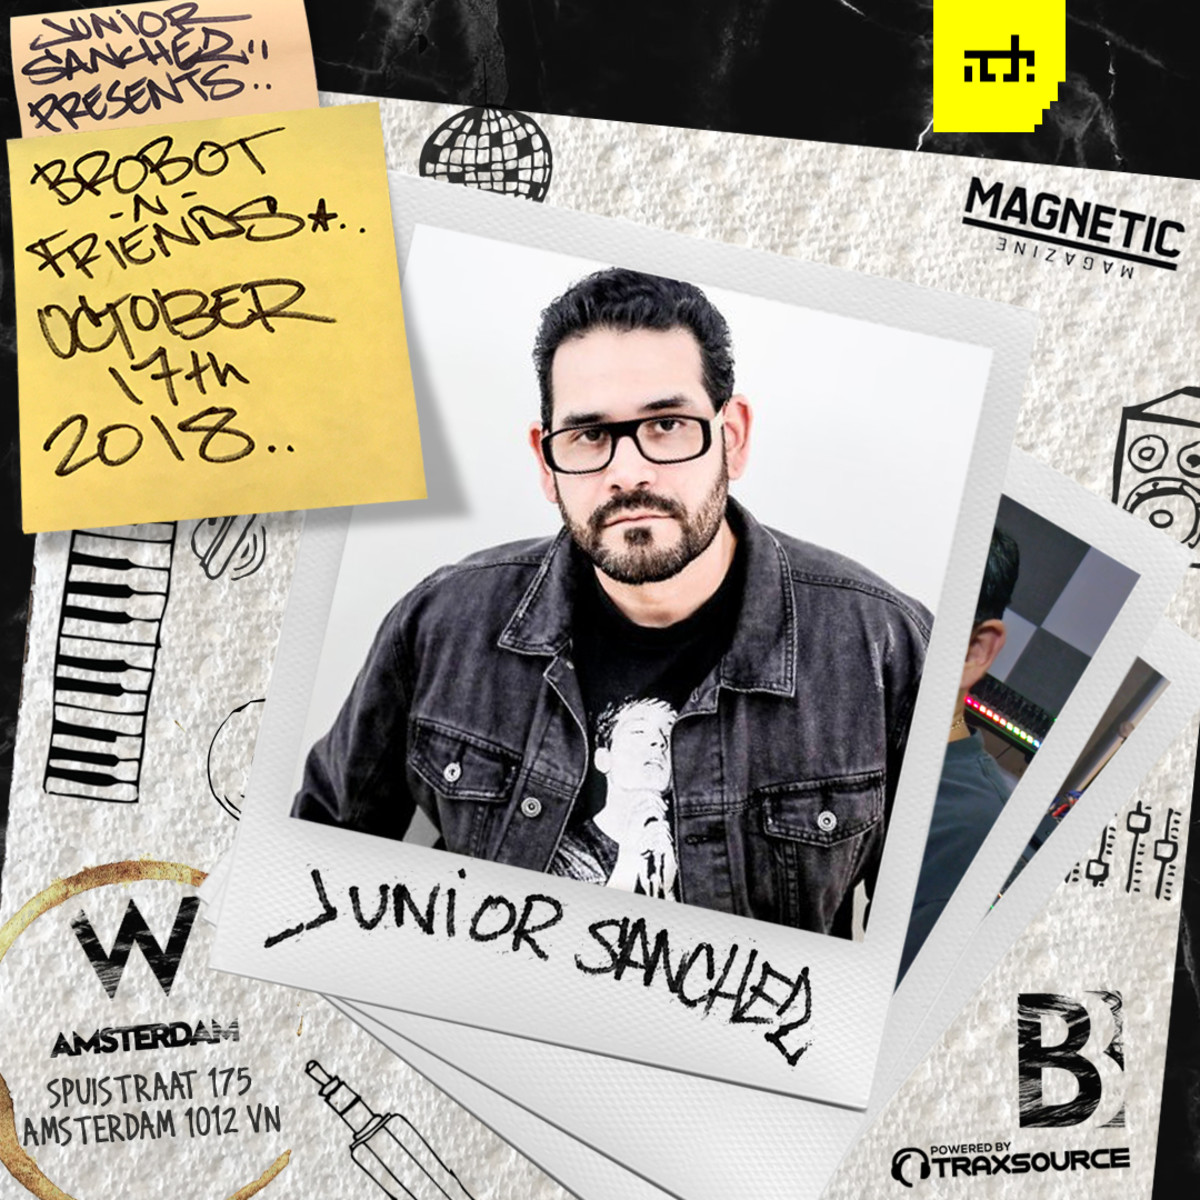 Brobot ADE 2018 Junior Sanchez Magnetic